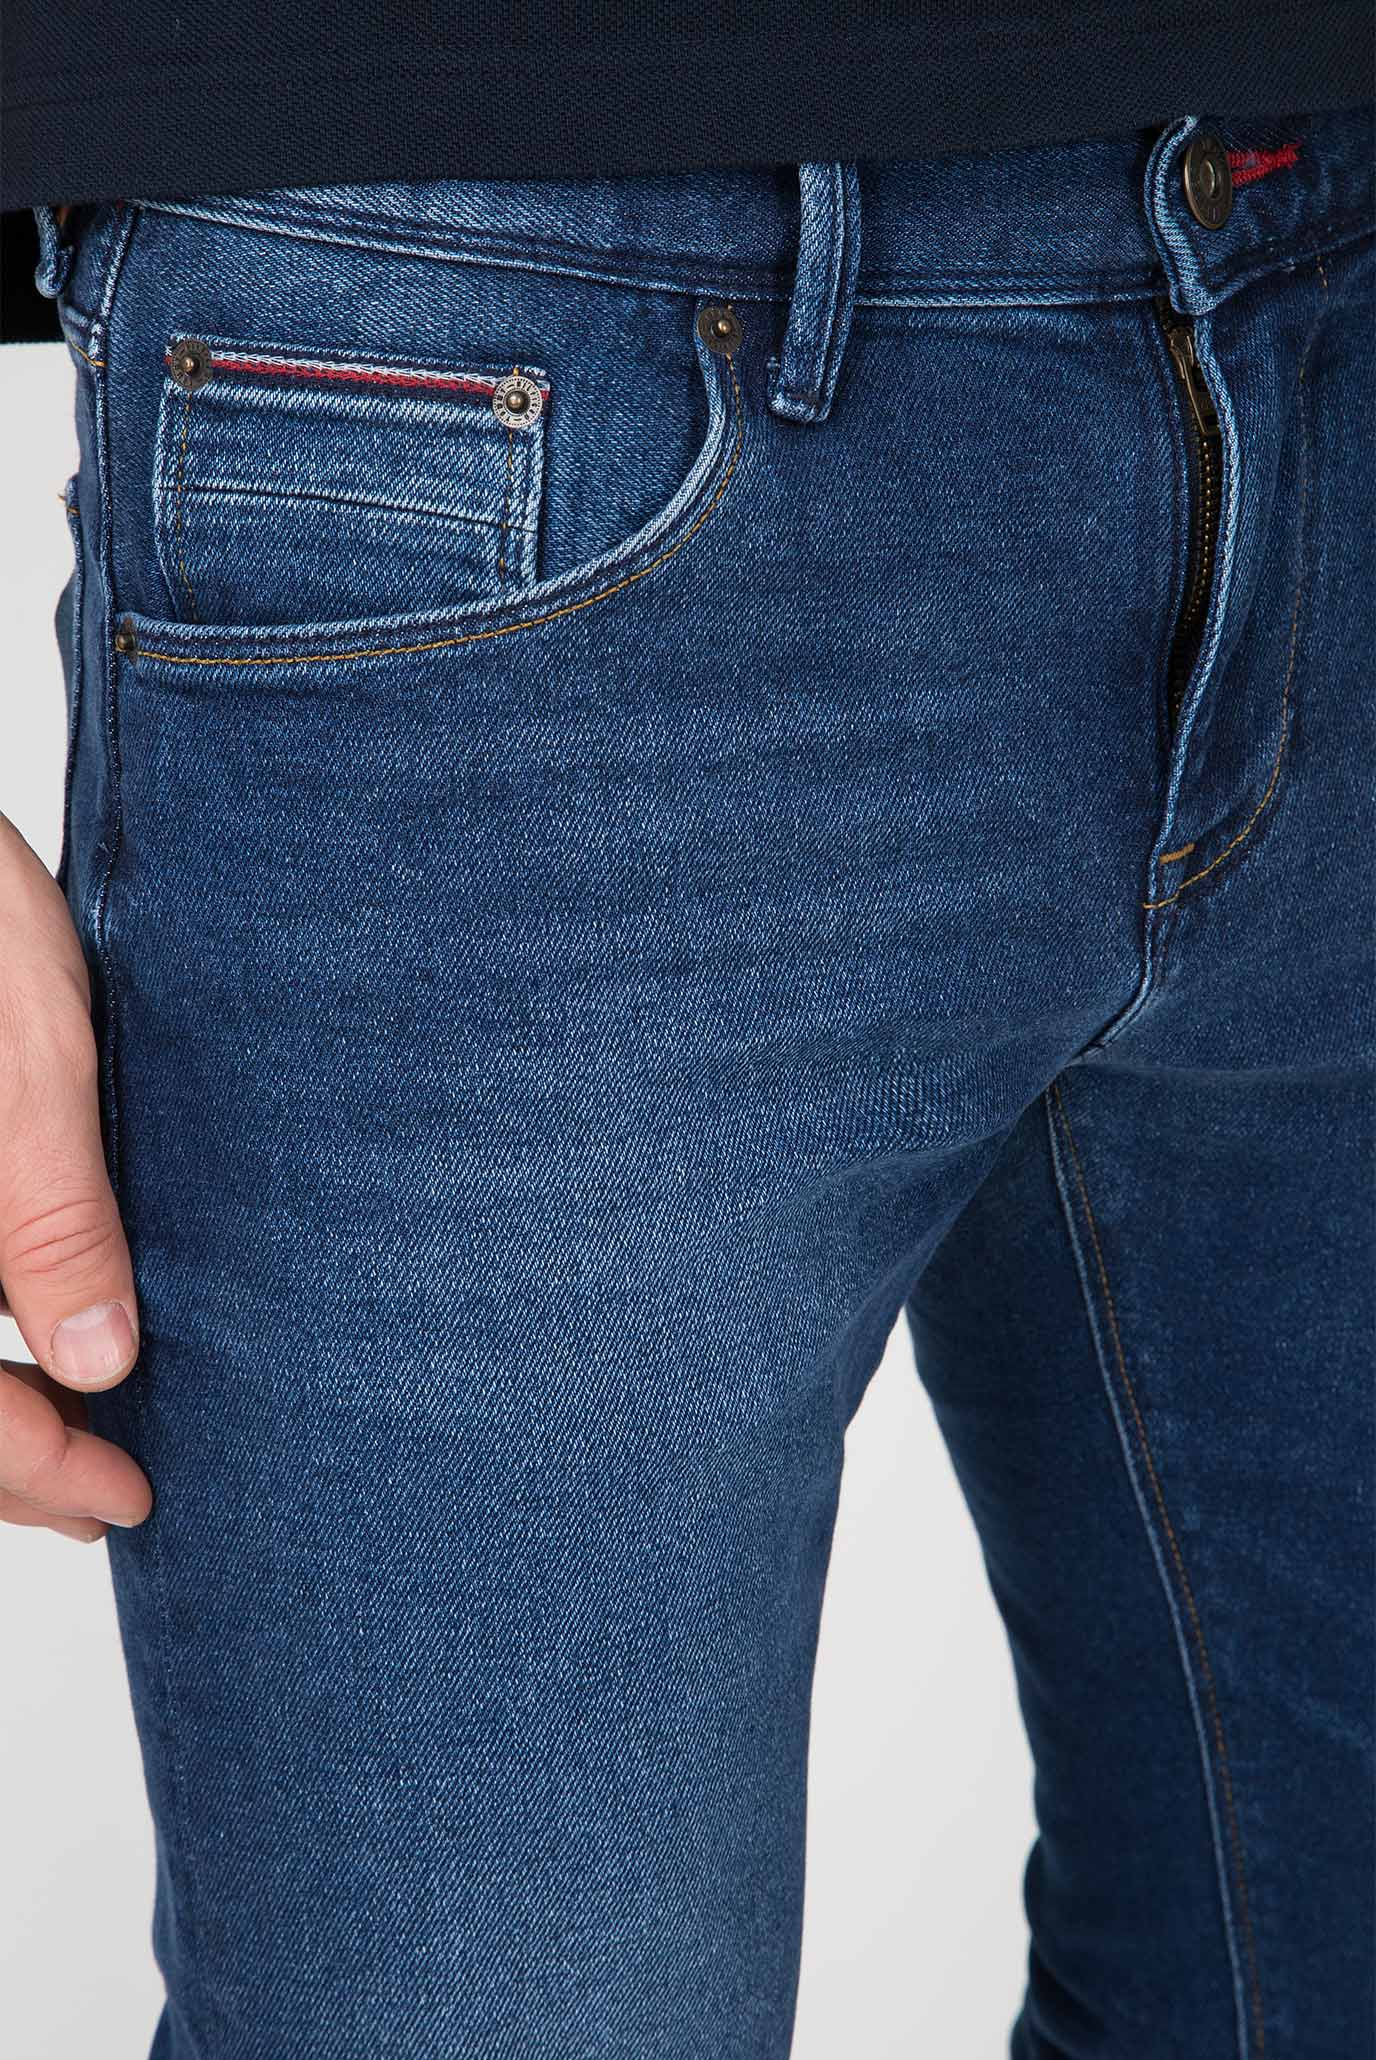 Купить Мужские синие джинсы Tommy Hilfiger Tommy Hilfiger MW0MW08097 – Киев, Украина. Цены в интернет магазине MD Fashion